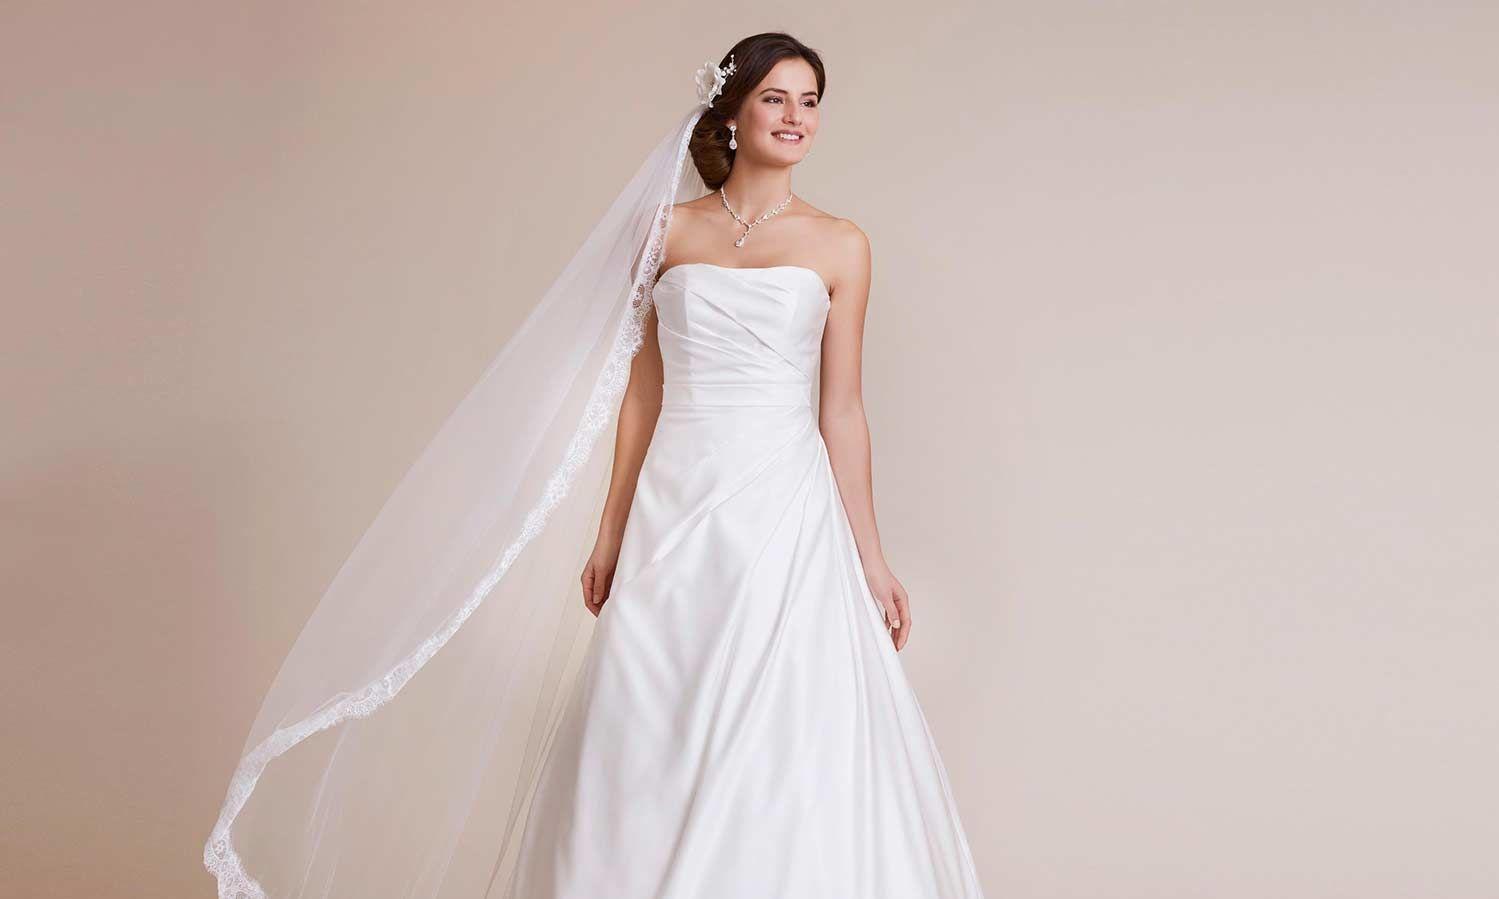 Brautkleider Lilly Sale lilly brautkleider der kollektion